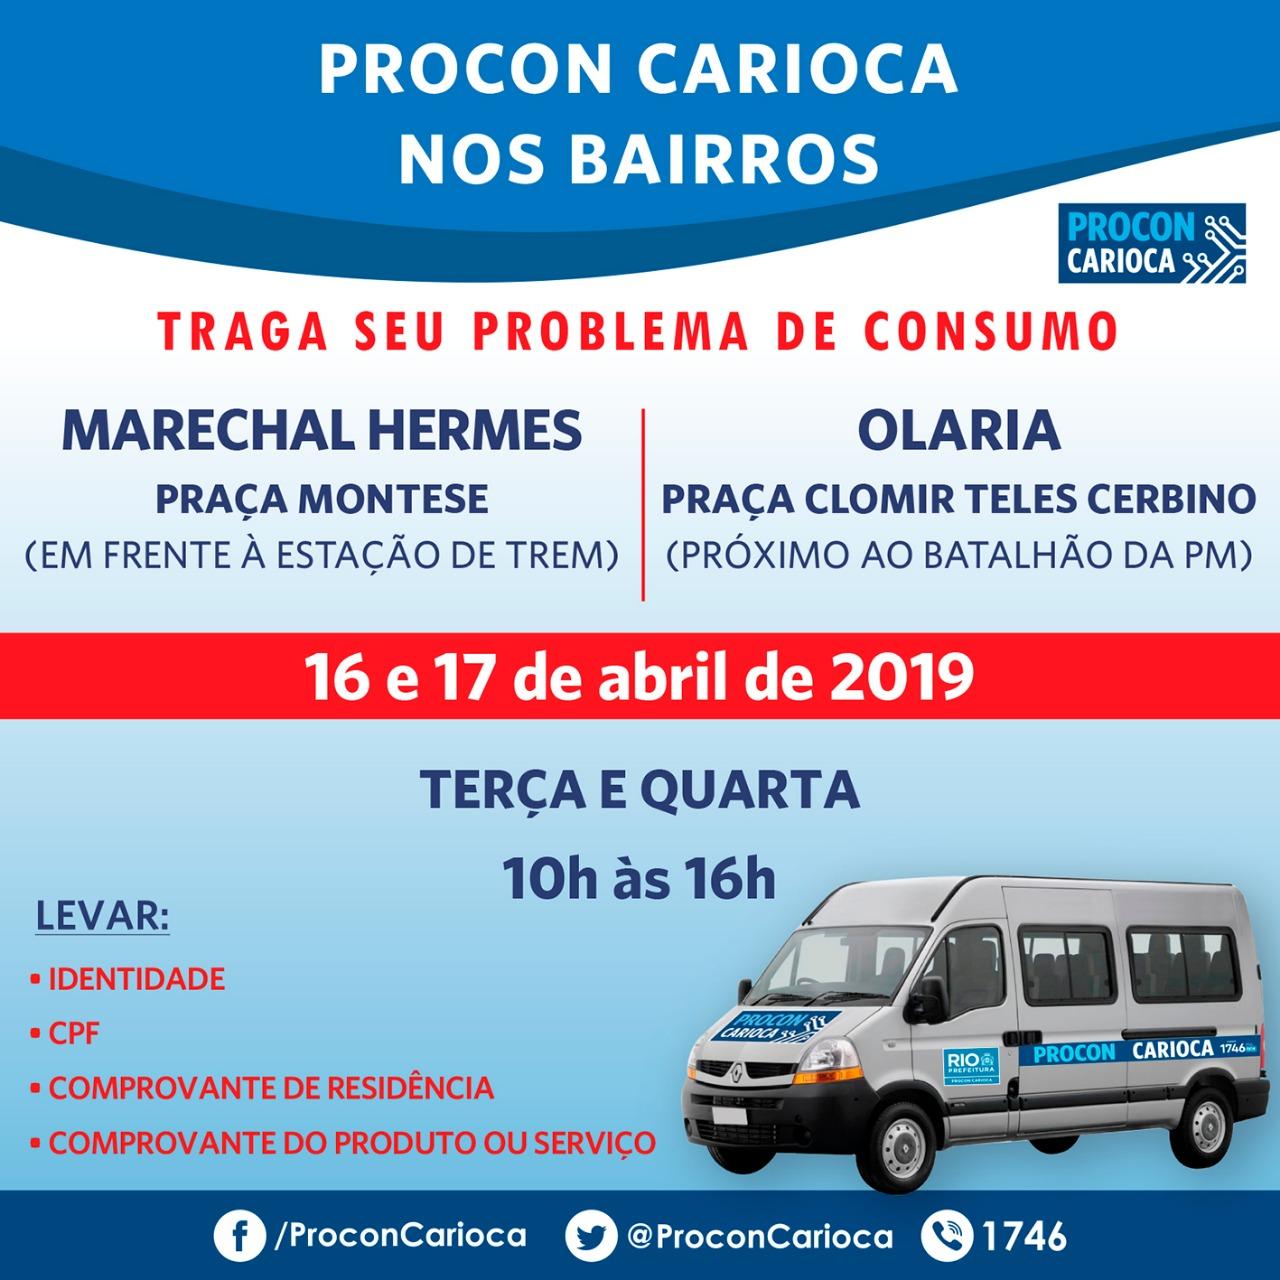 Procon Carioca nos Bairros chega a Olaria e Marechal Hermes